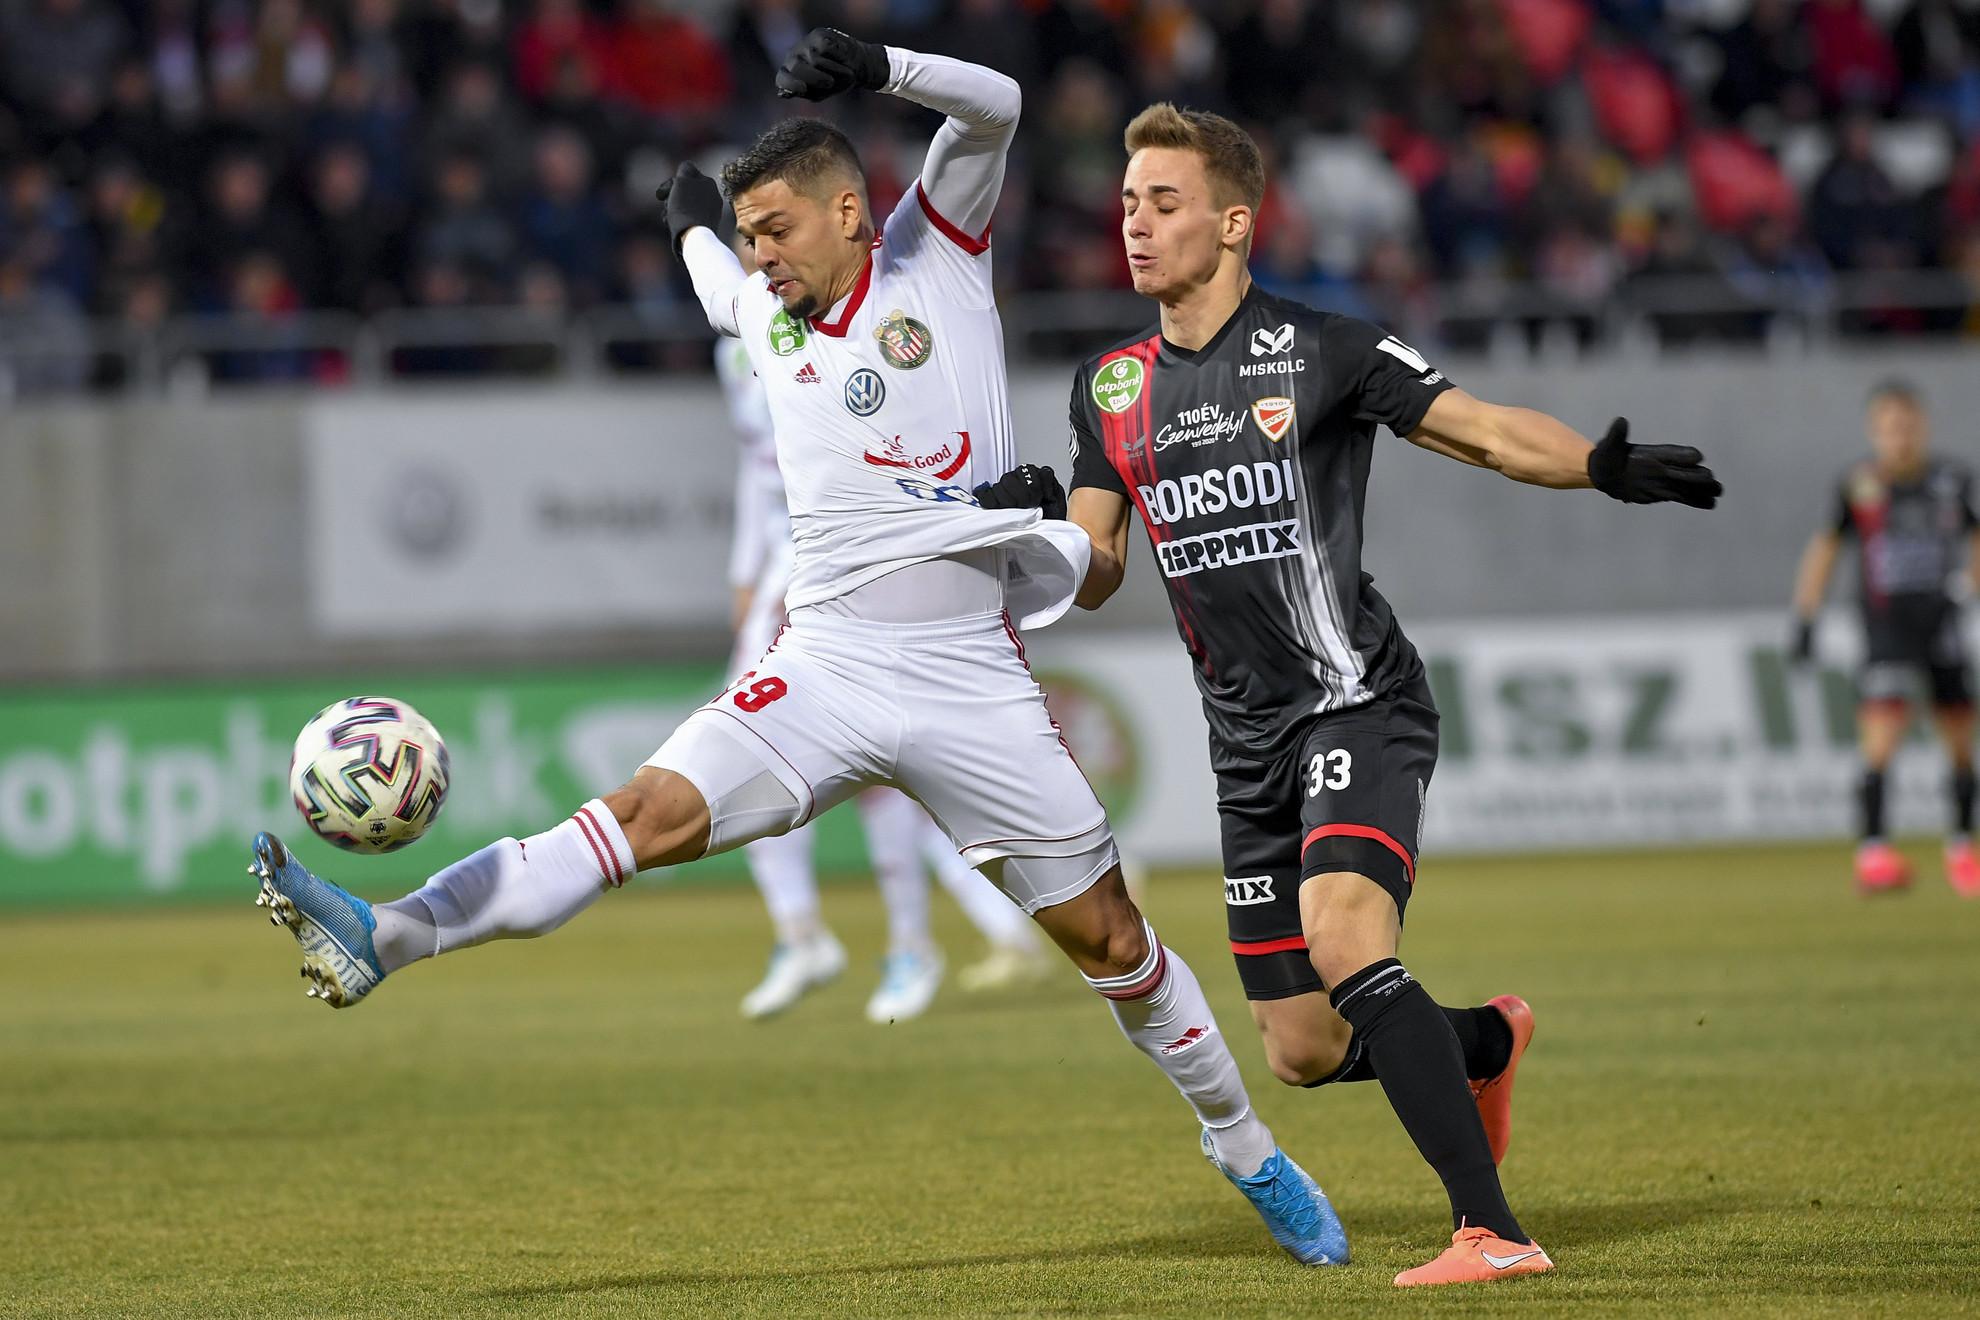 Fernando Viana Jardim Silva (b), a Kisvárda és Polgár Kristóf, a Diósgyőr játékosa